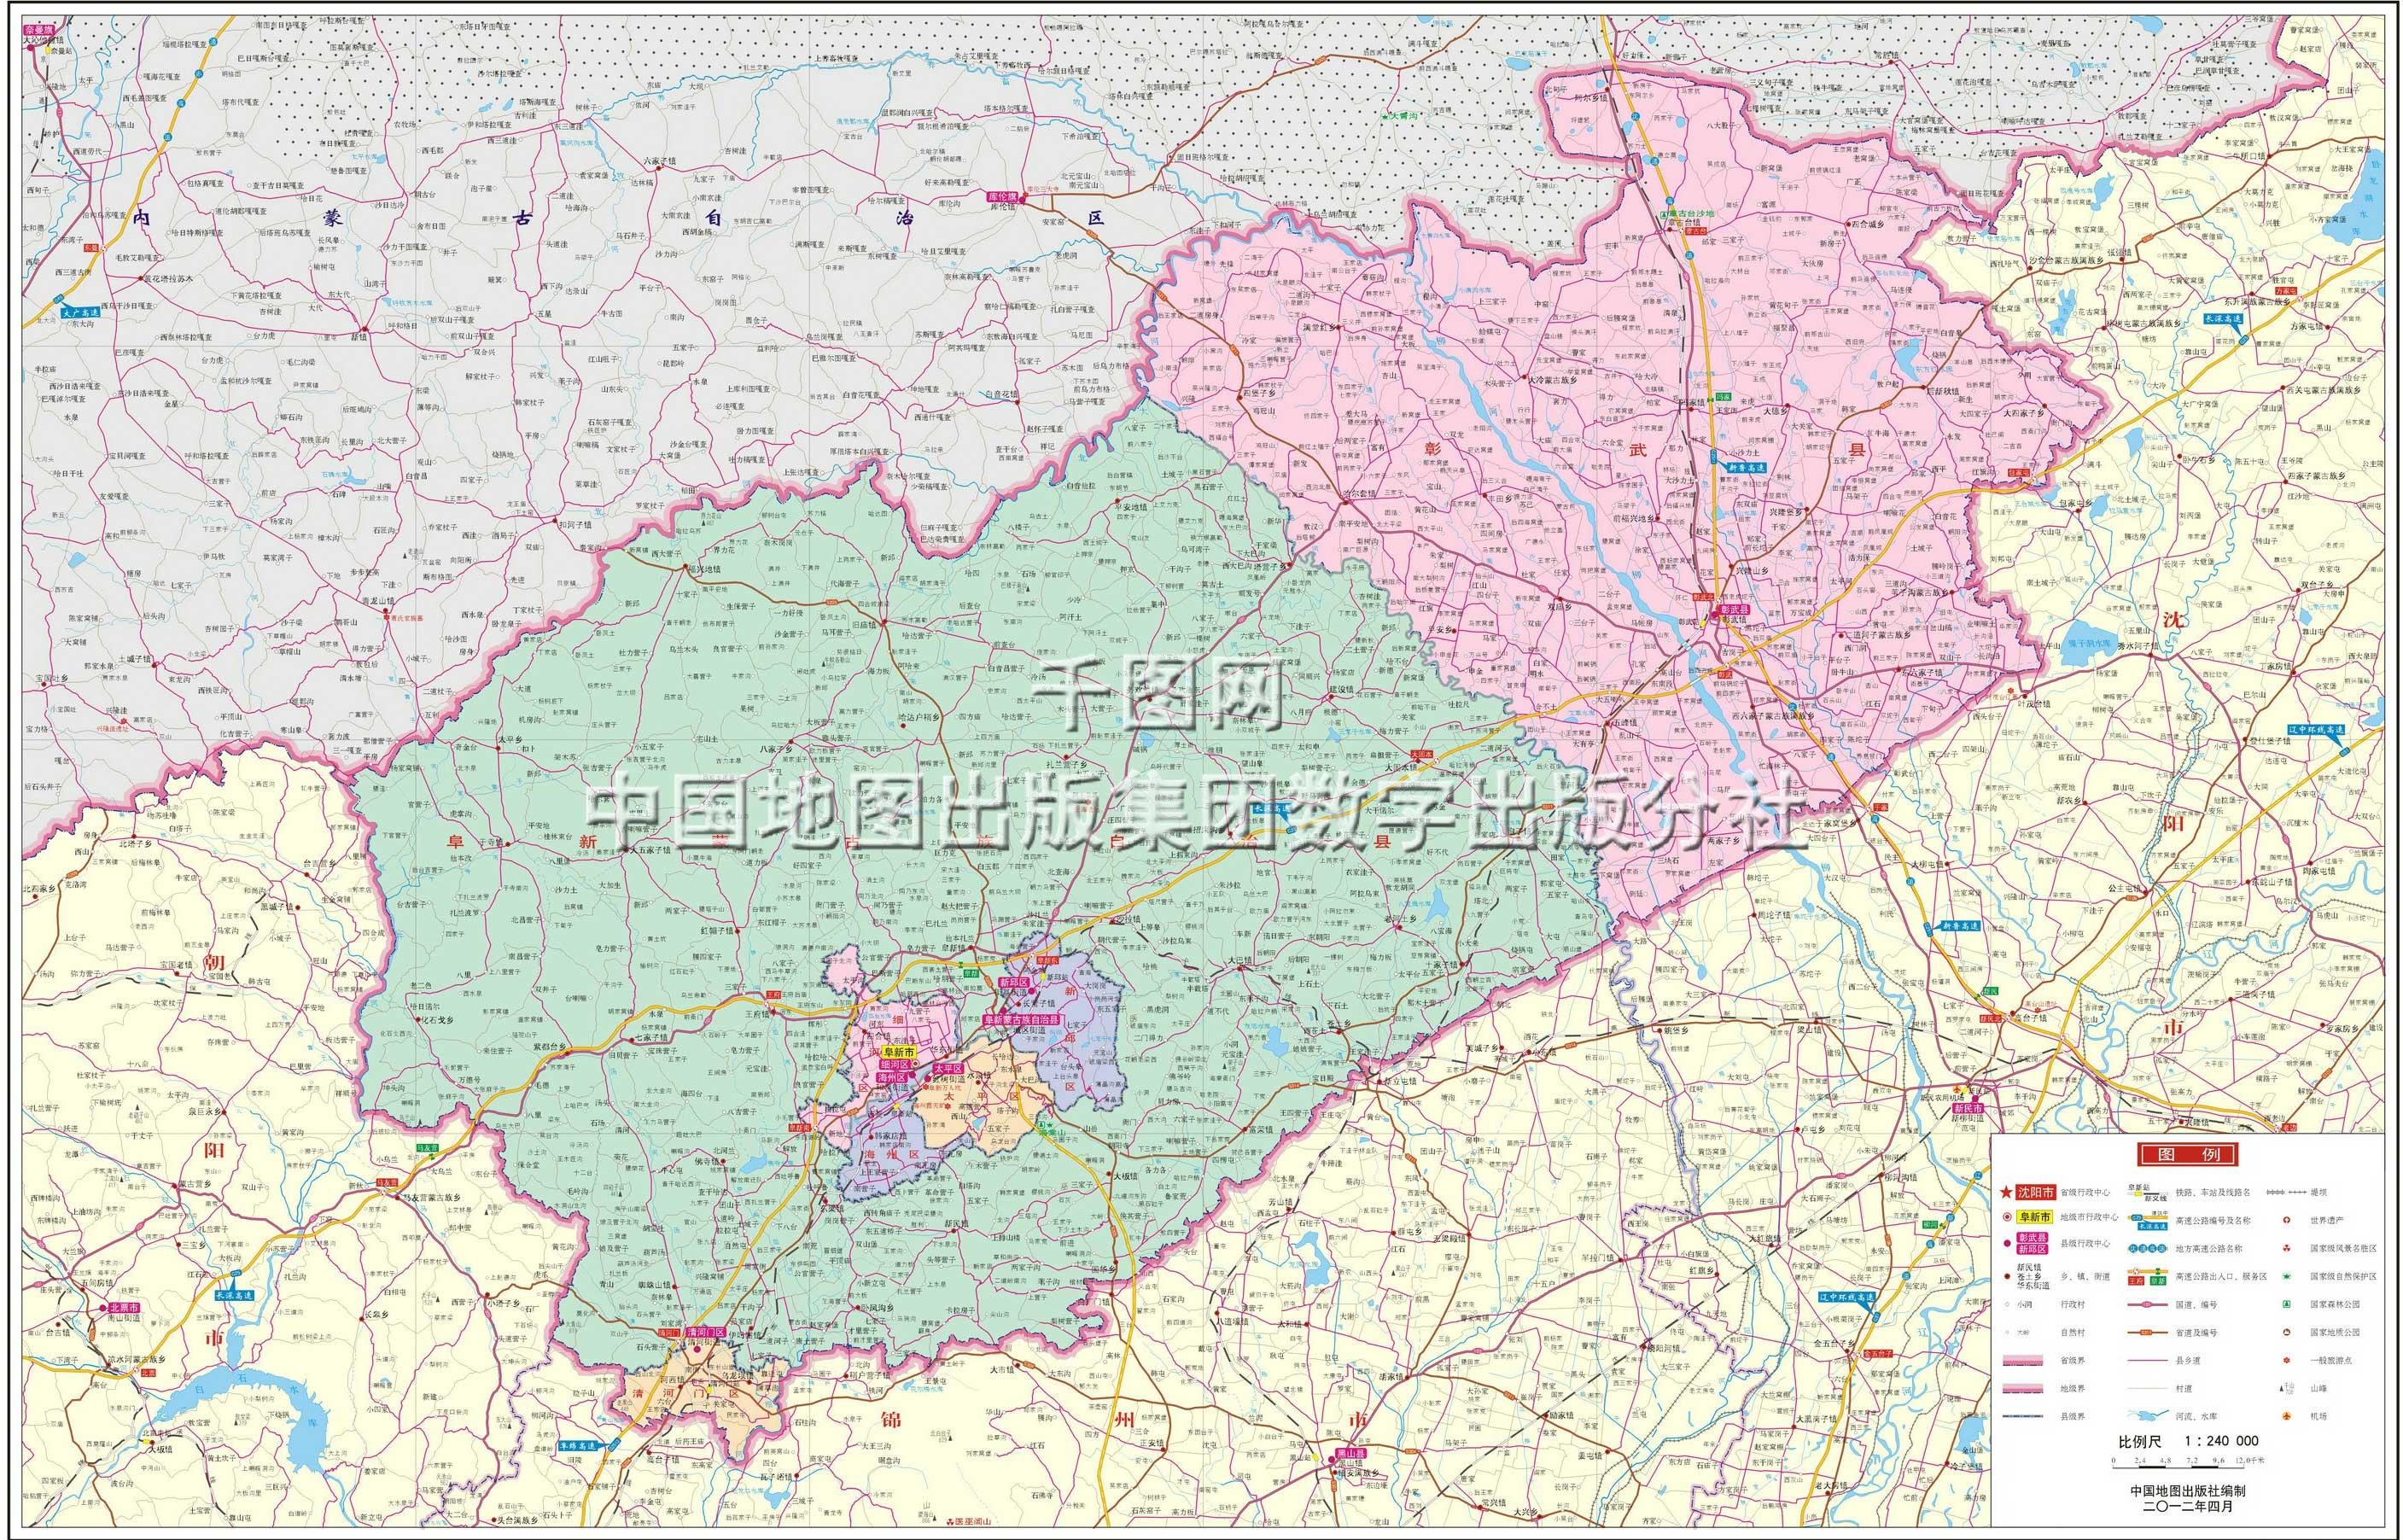 阜新市地图高清版图片